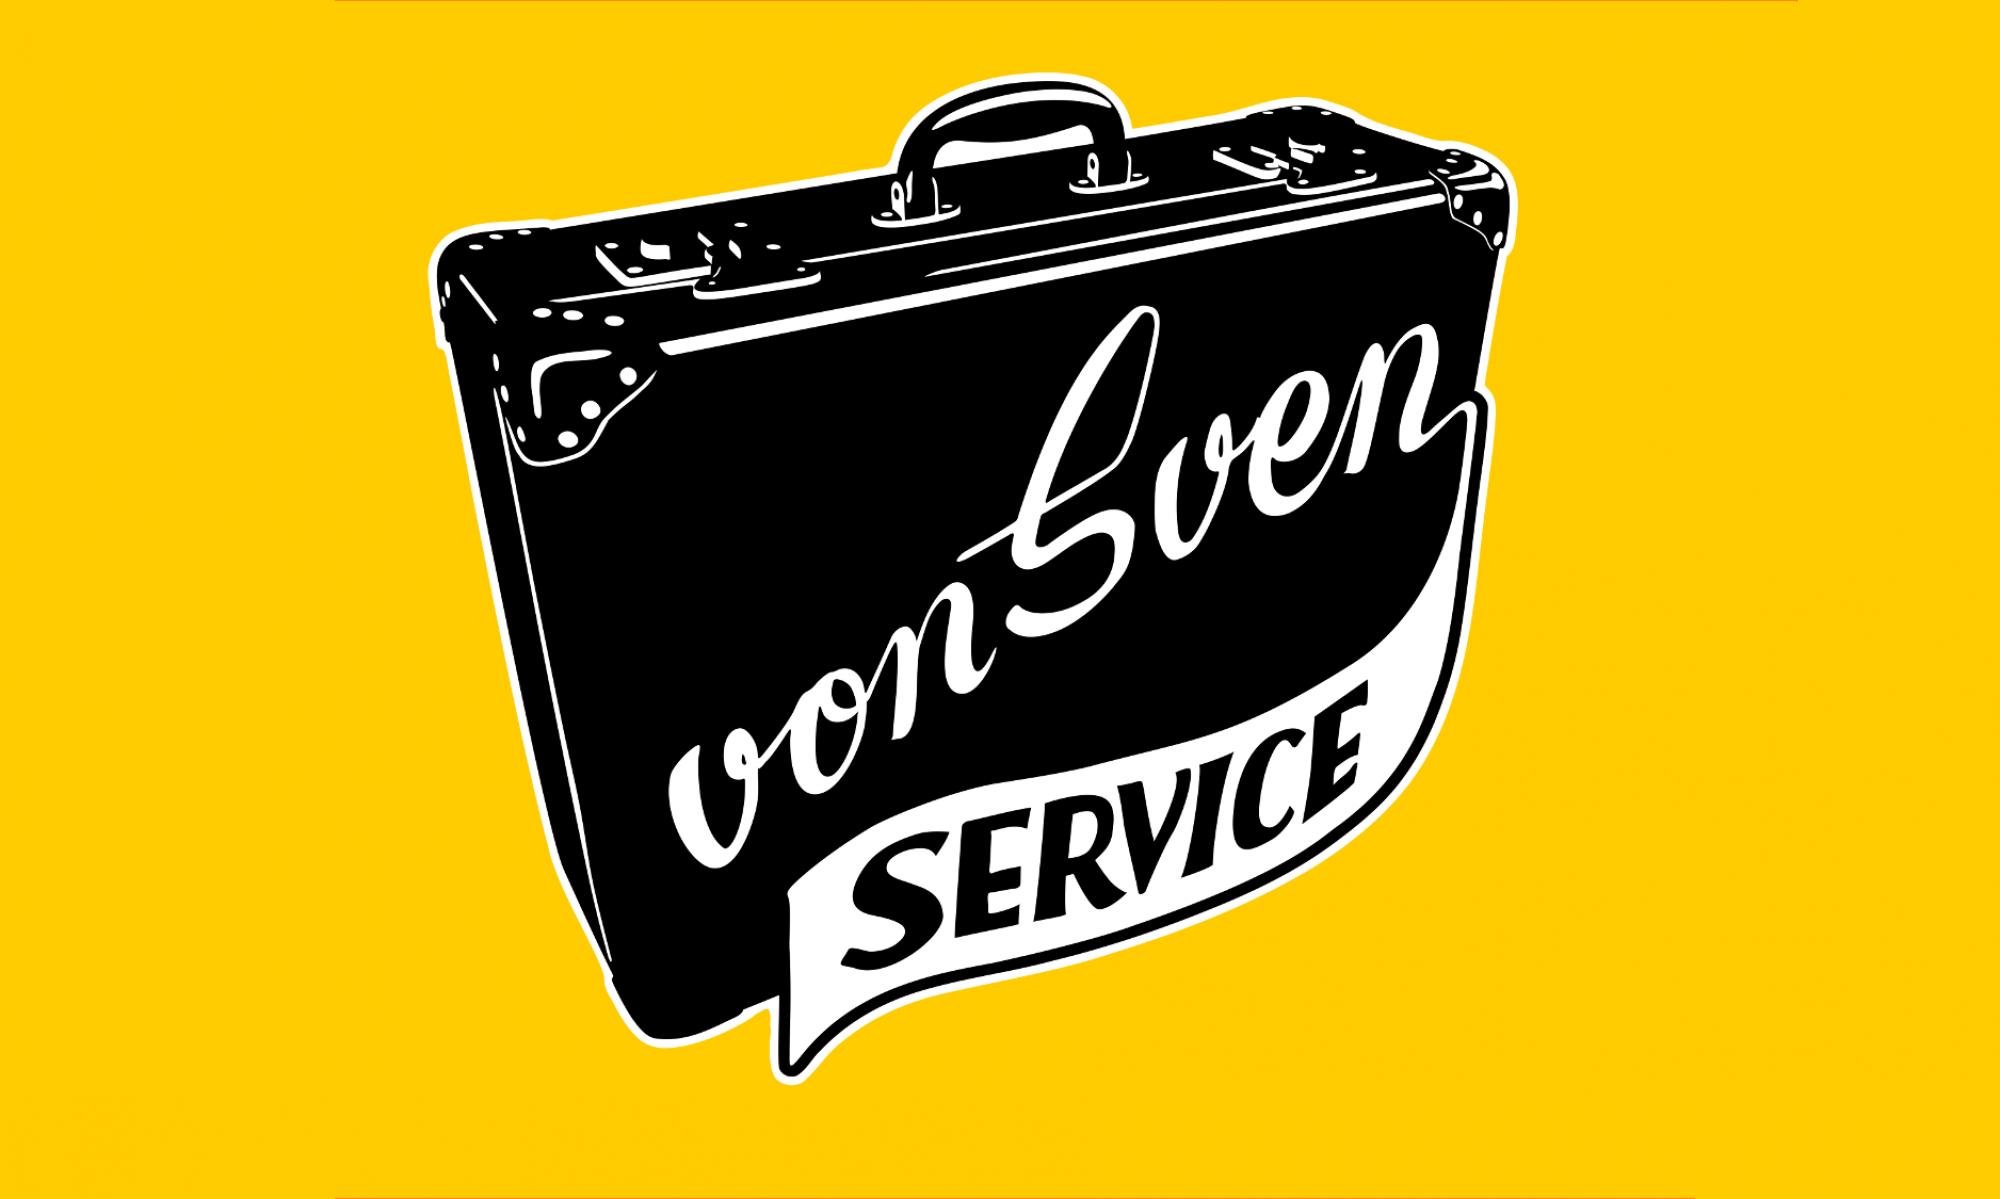 VonSven Service